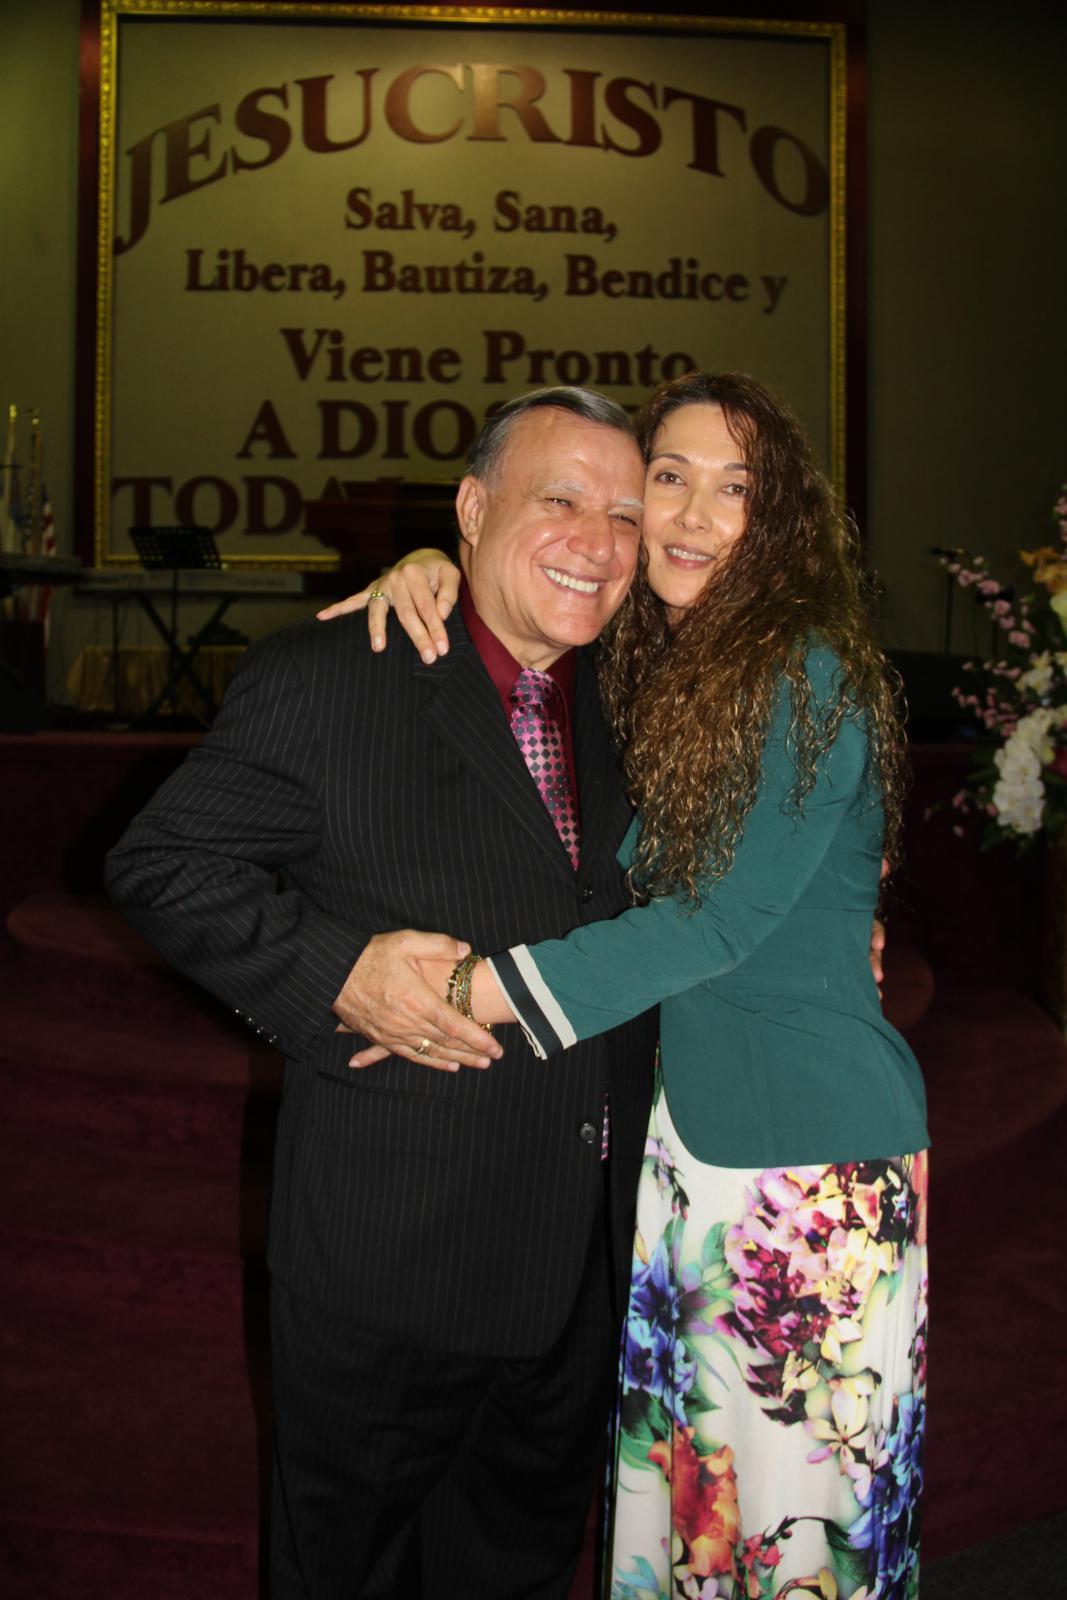 GLORIA A DIOS, 30 ANIVERSARIO ICRLC 07 04, 2016 (60)